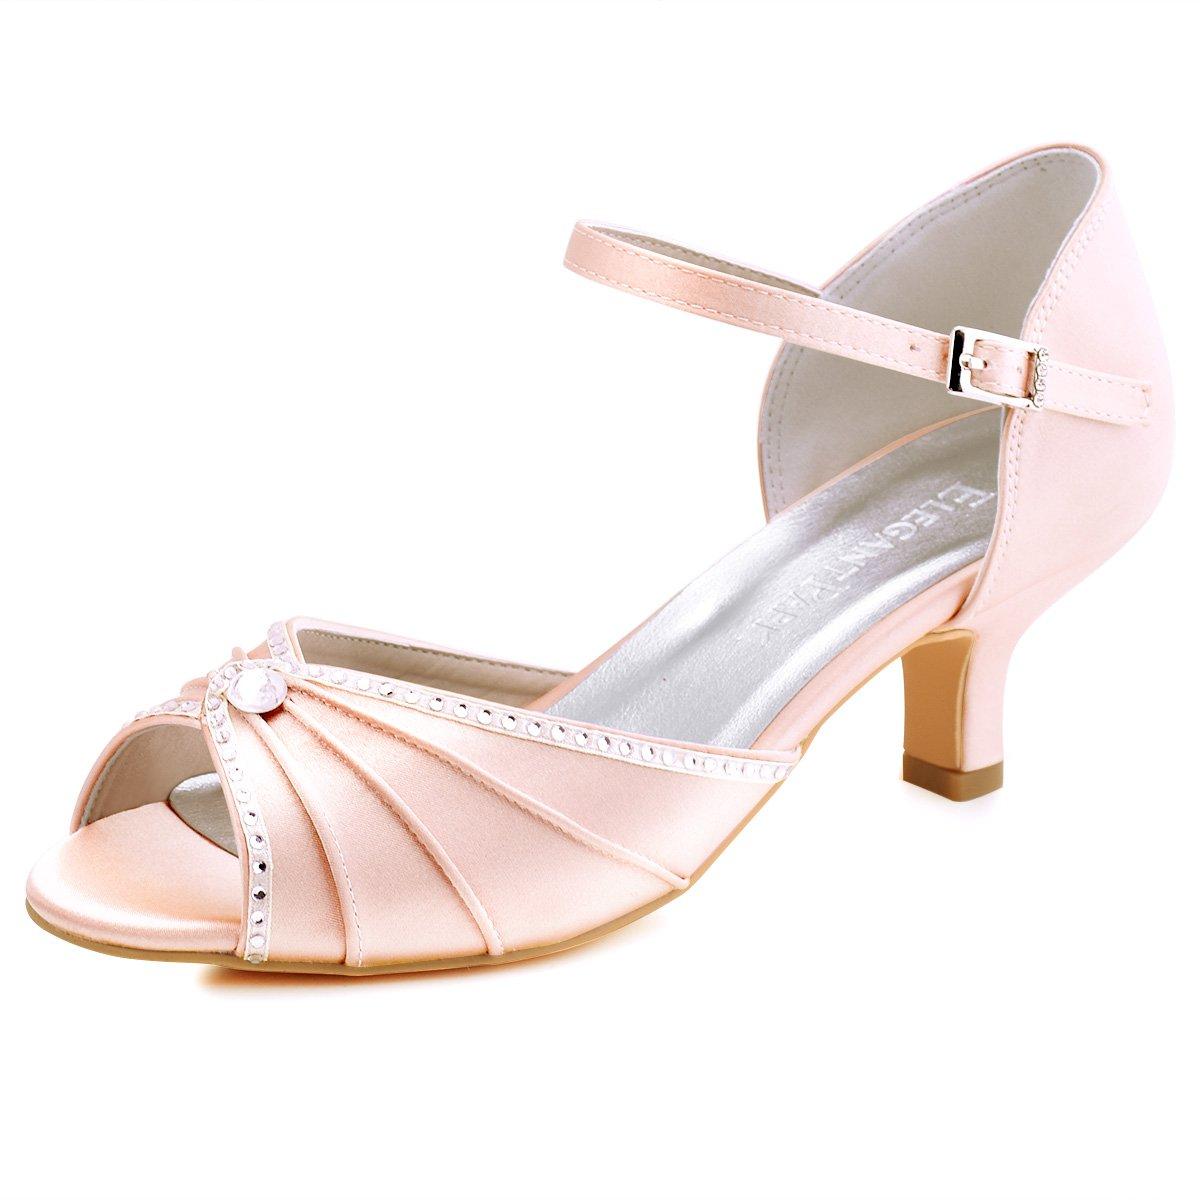 ElegantPark 19992 de HP1623 Escarpins Satin ouvert Bout ouvert Diamant Talon Bas Sandales chaussures de mariee bal Blush 467d0f8 - piero.space